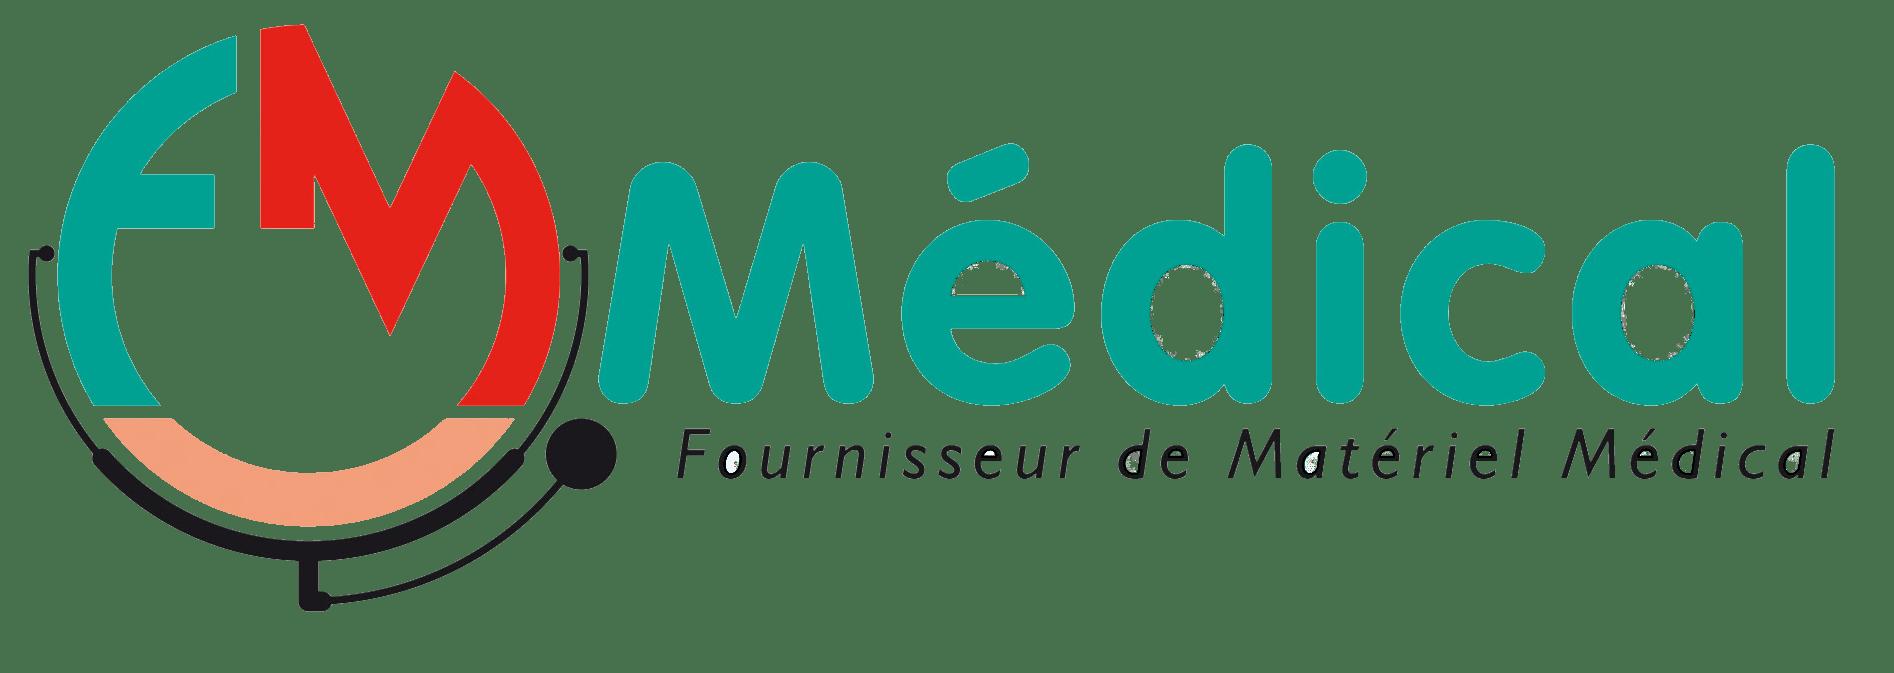 FOURNISSEUR DE MATÉRIEL MÉDICAL